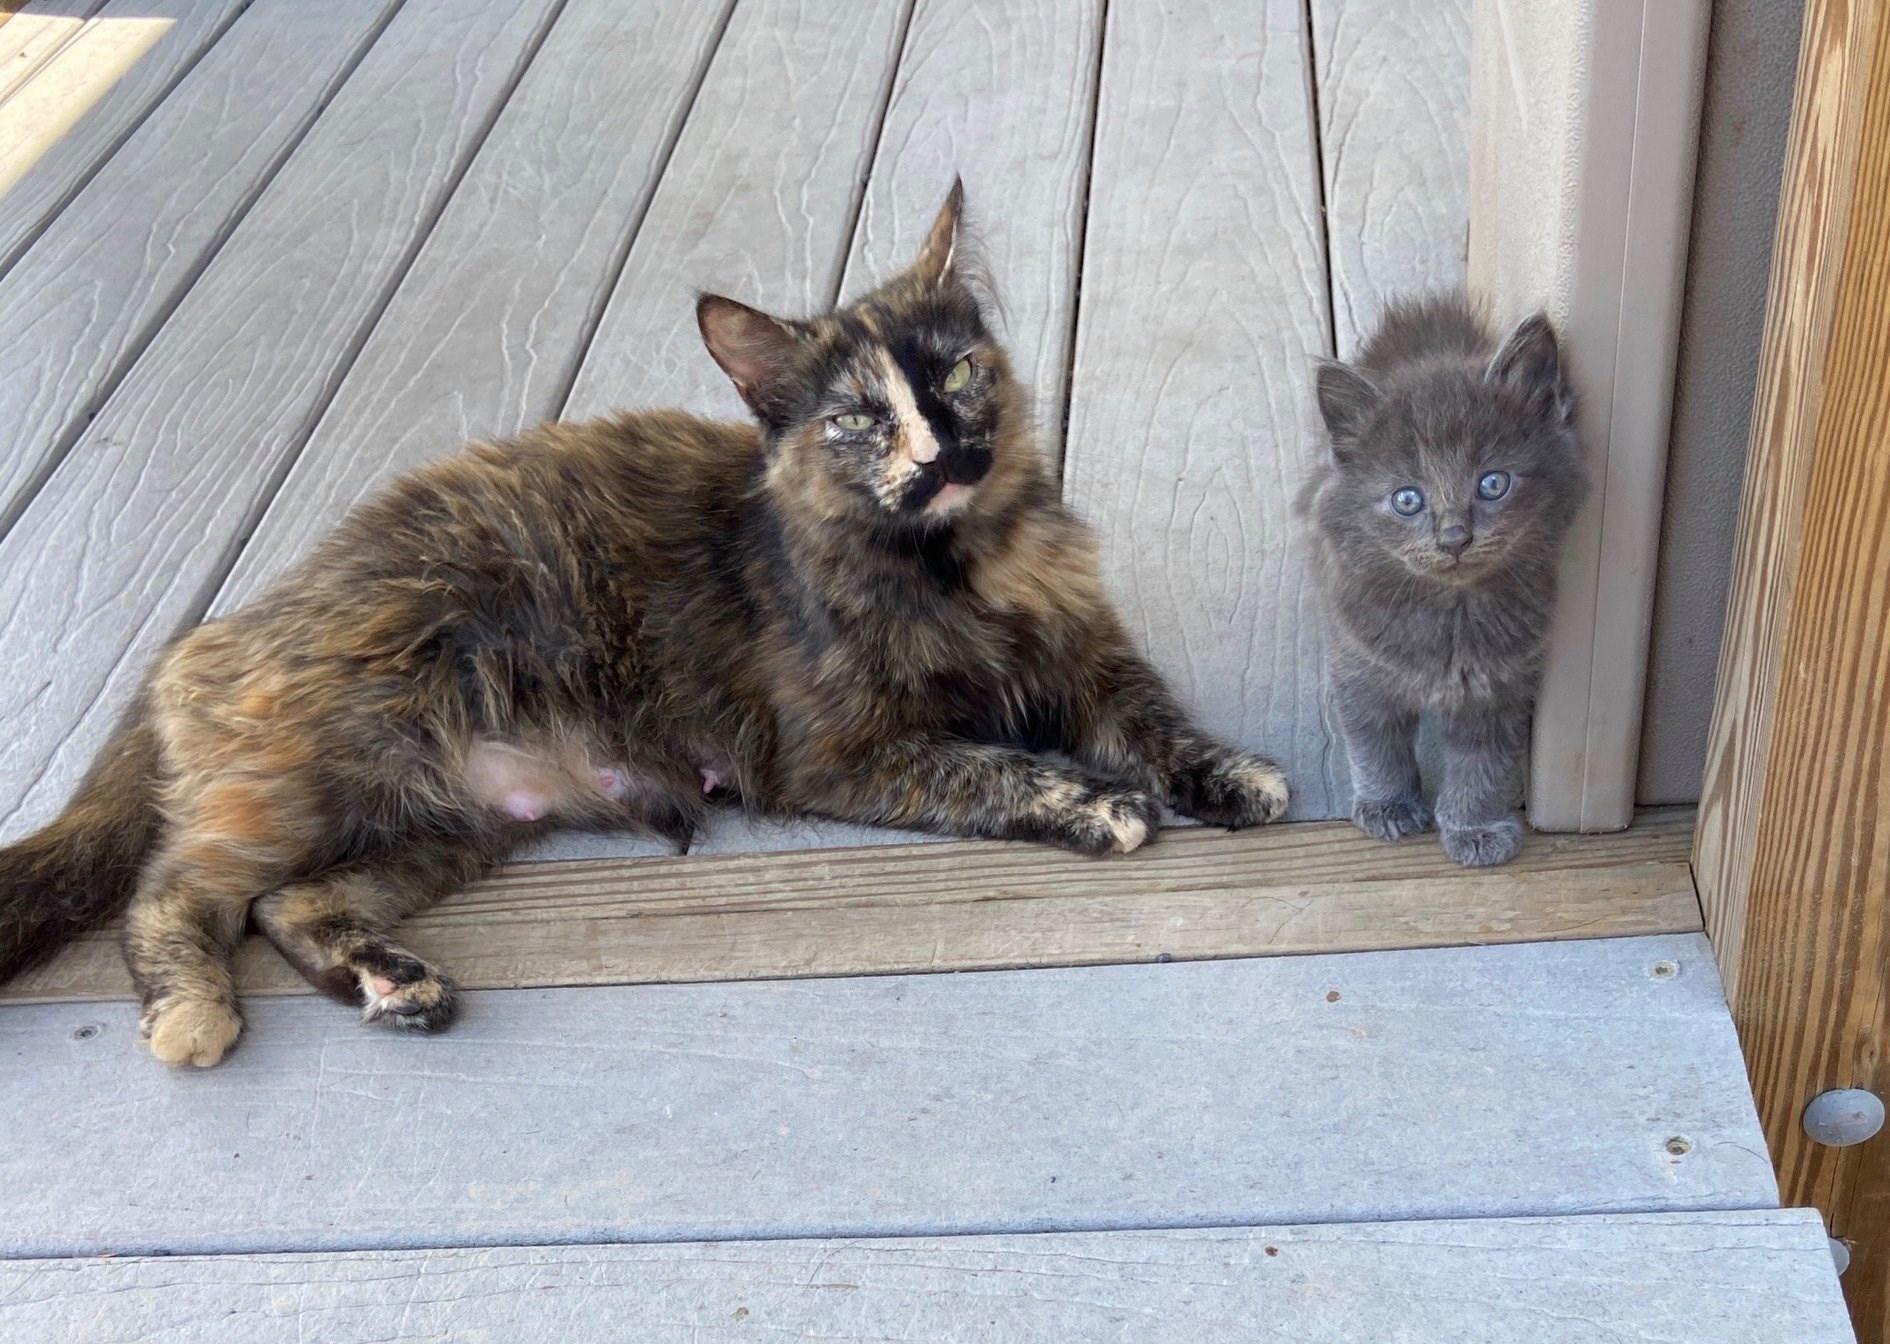 barn mouser cat and kitten